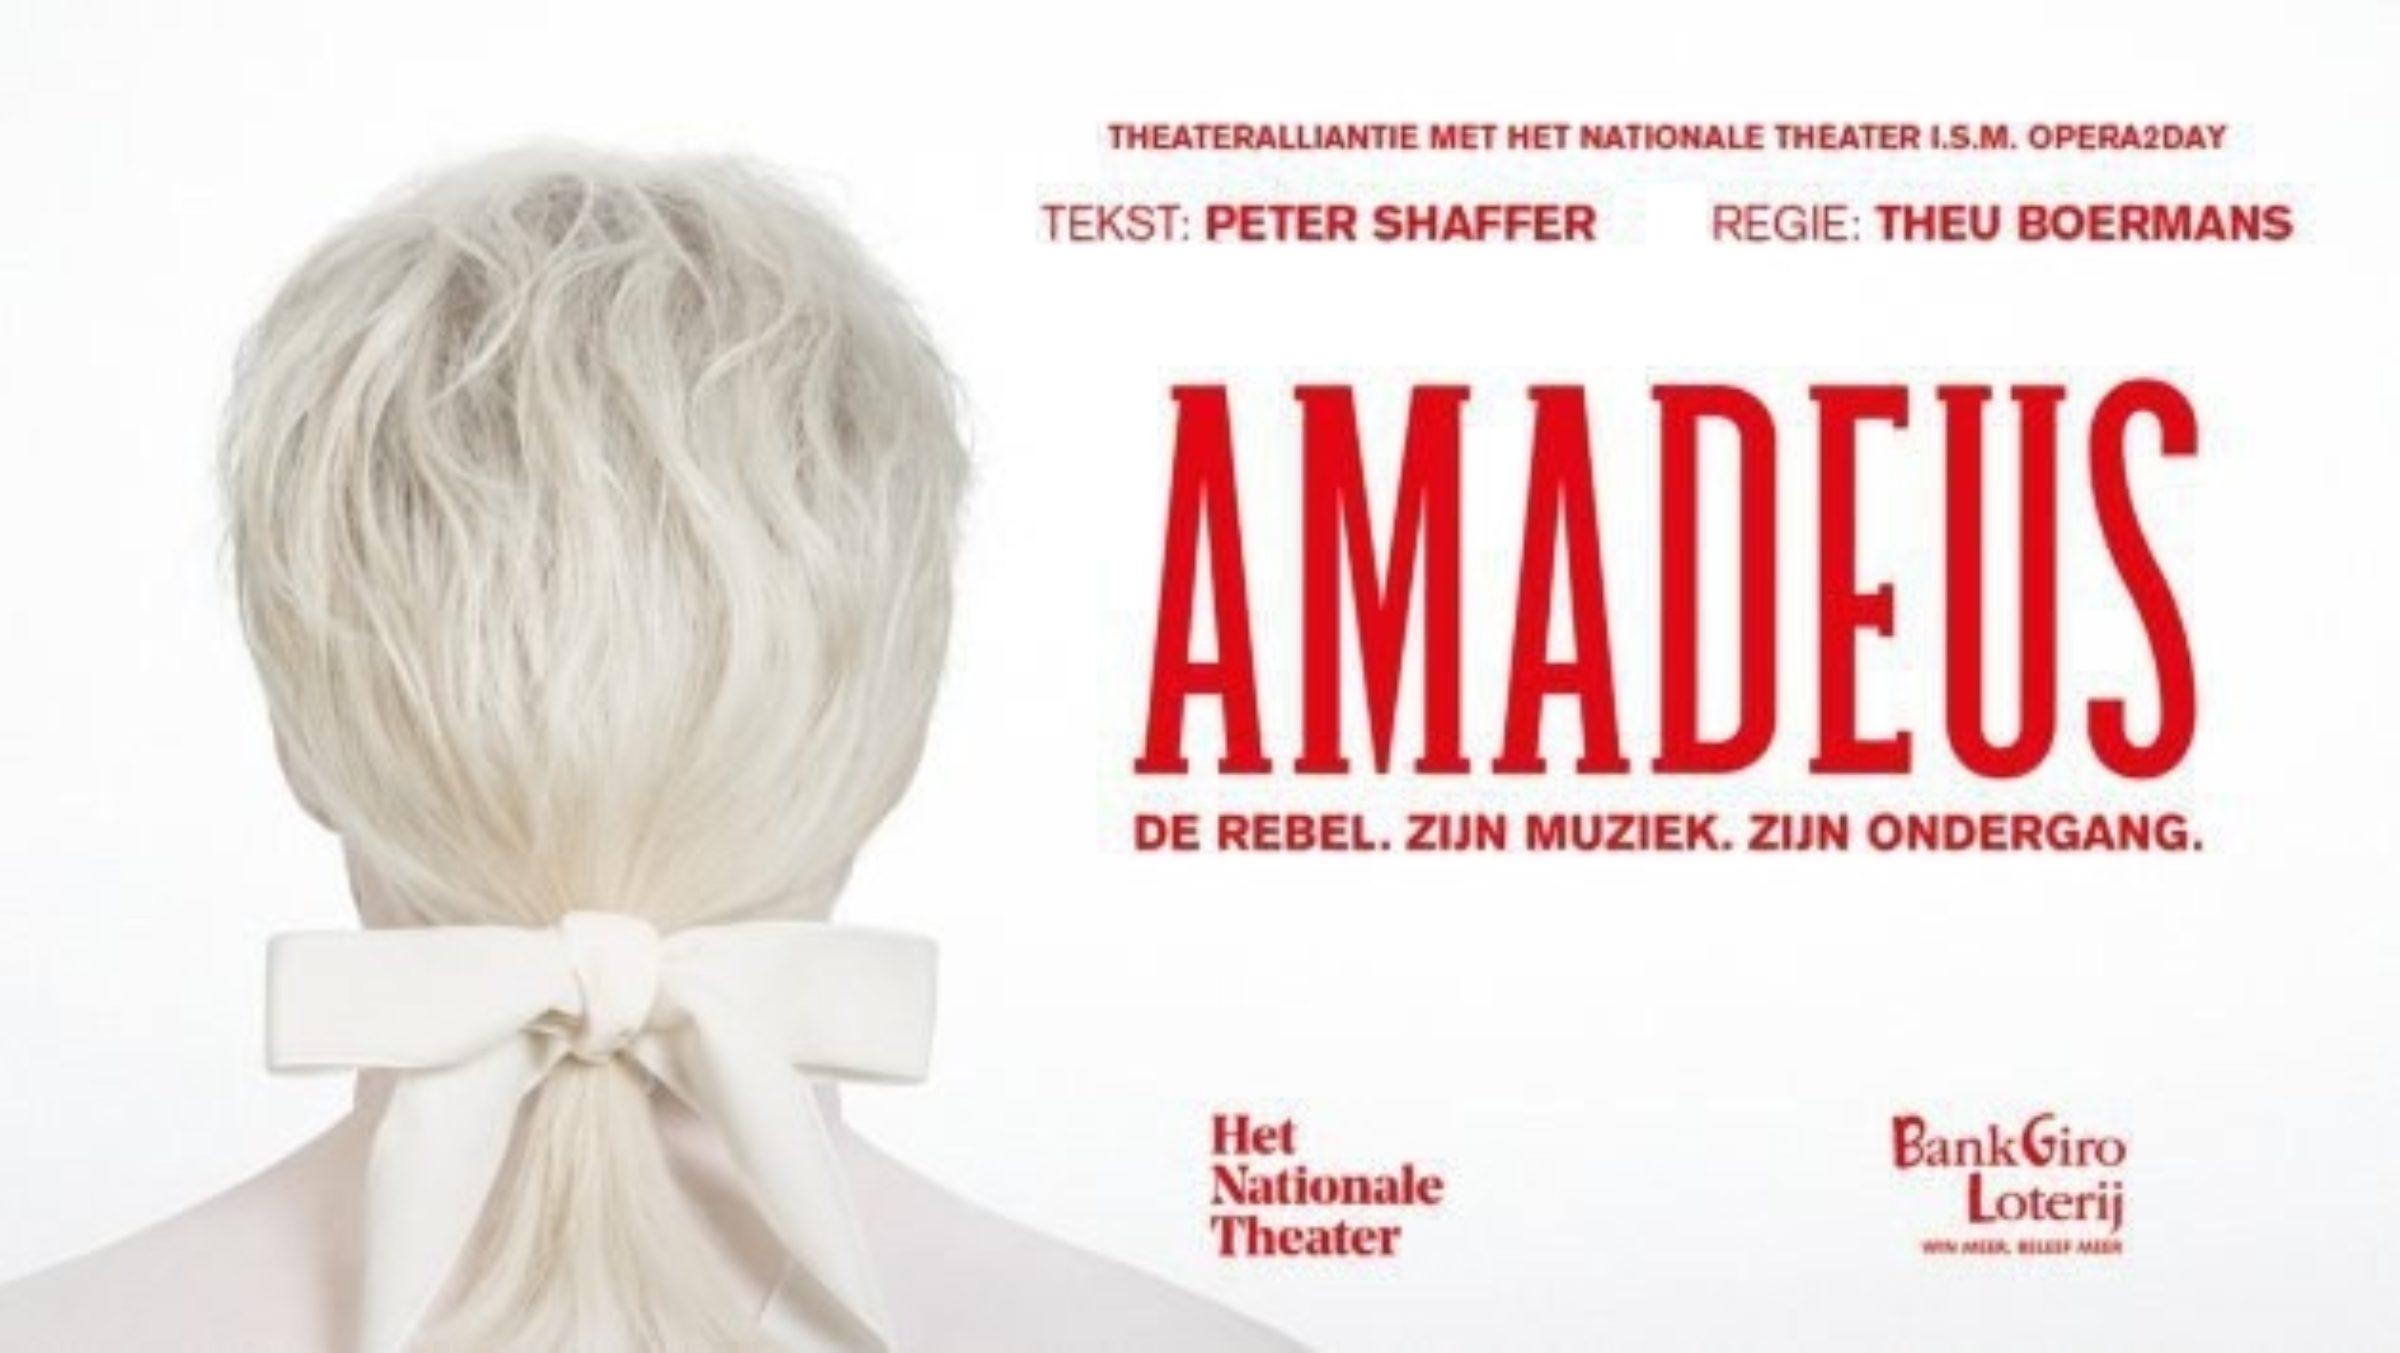 Amadeus1 2298 1551265386 35hxcy5sc3